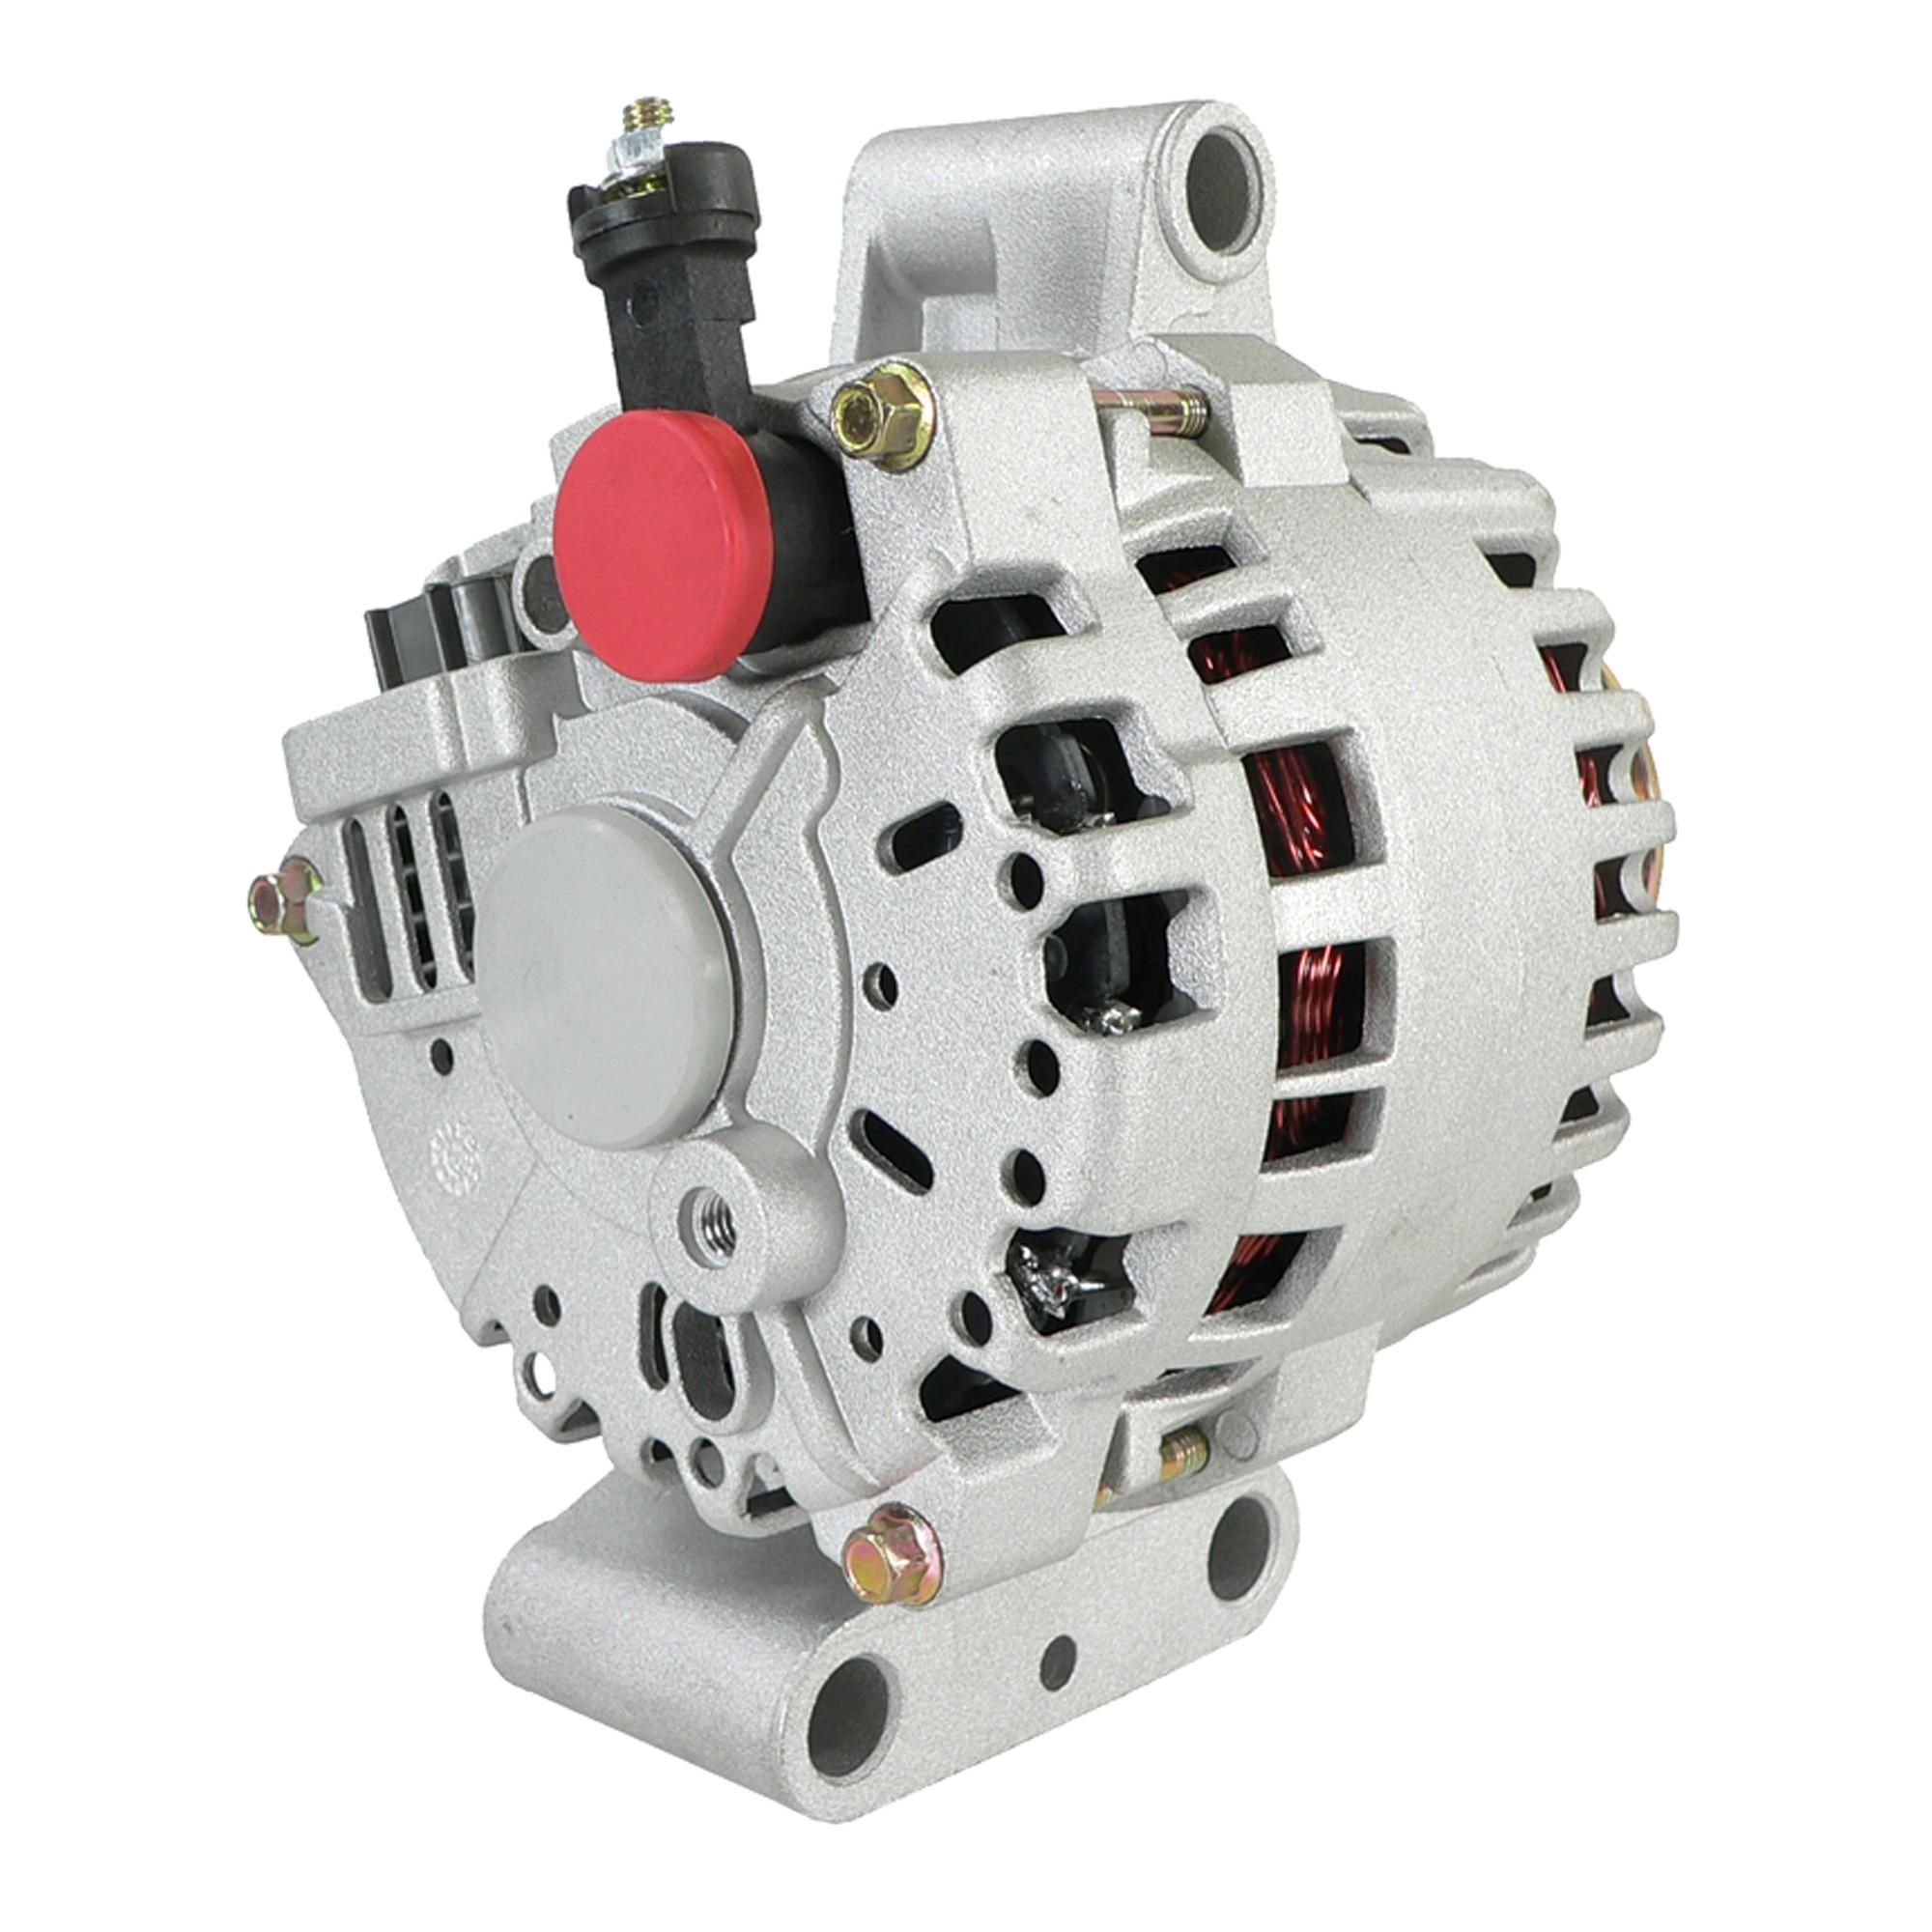 Alternator 7.3 7.3L Excursion 00 01F150 F250 F350 F450 Pickup 99-01 Super D